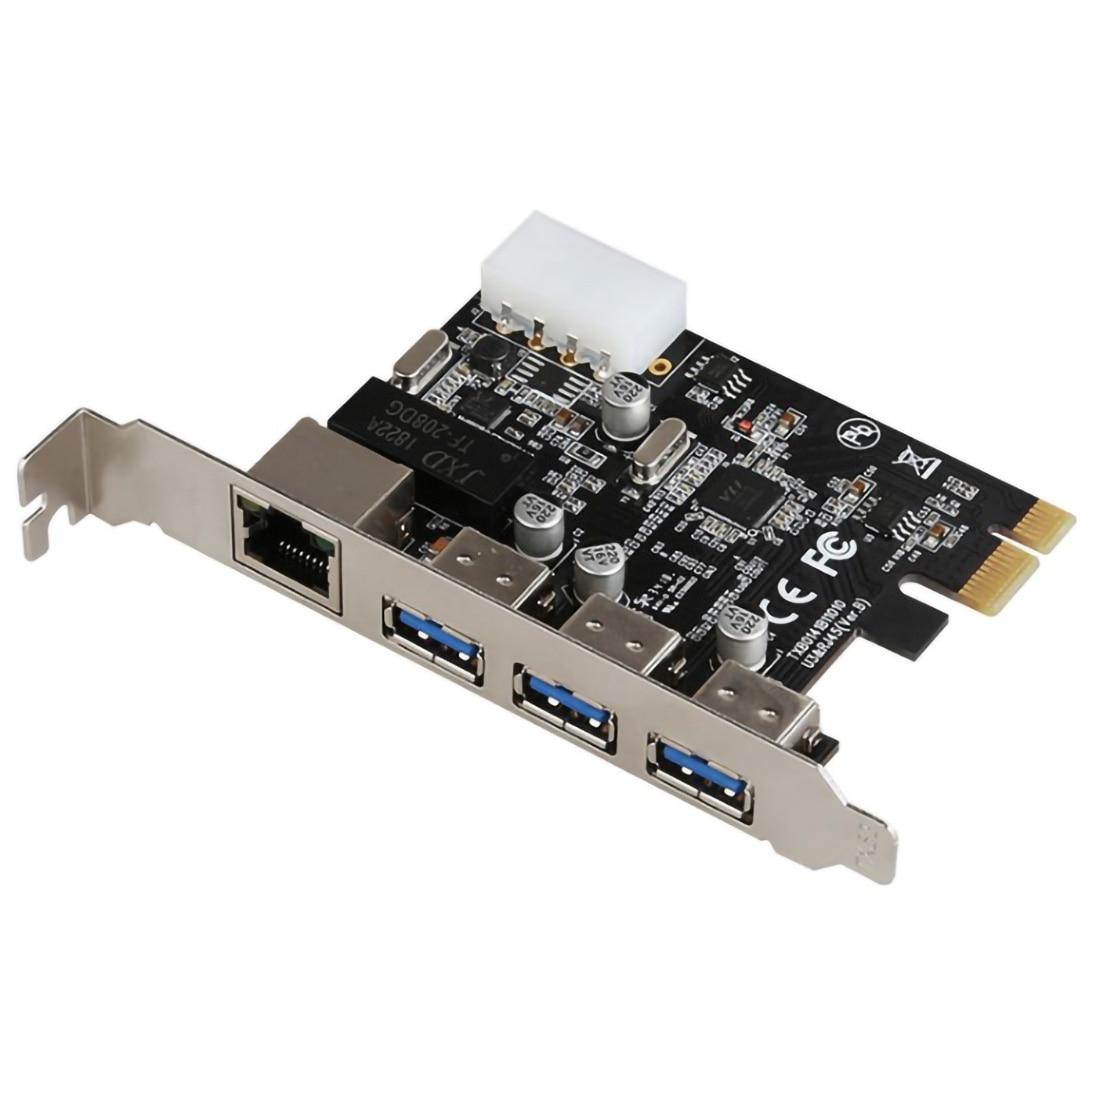 PCI-E a 3 puertos externos USB 3,0 HUB + RJ-45 Gigabit Ethernet tarjeta de red 10/100/1000Mbps PCI Express USB3.0 adaptador LAN Combo